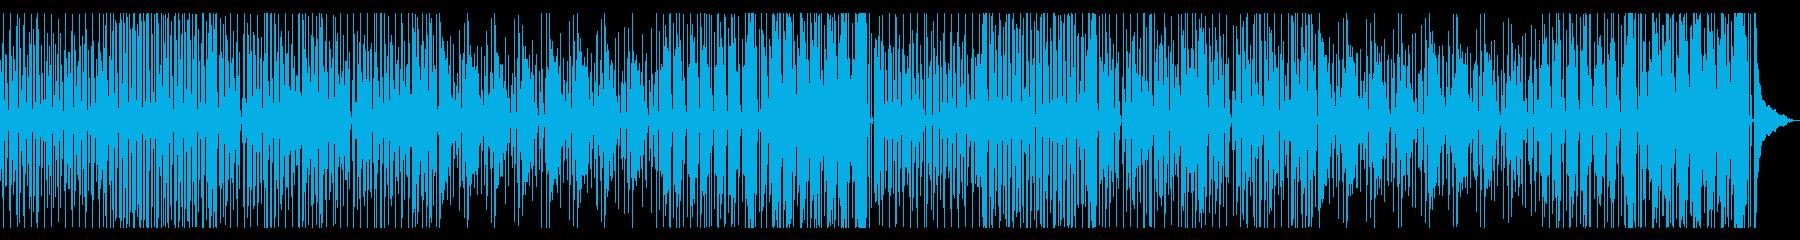 春らしい和風トイトロニカの再生済みの波形